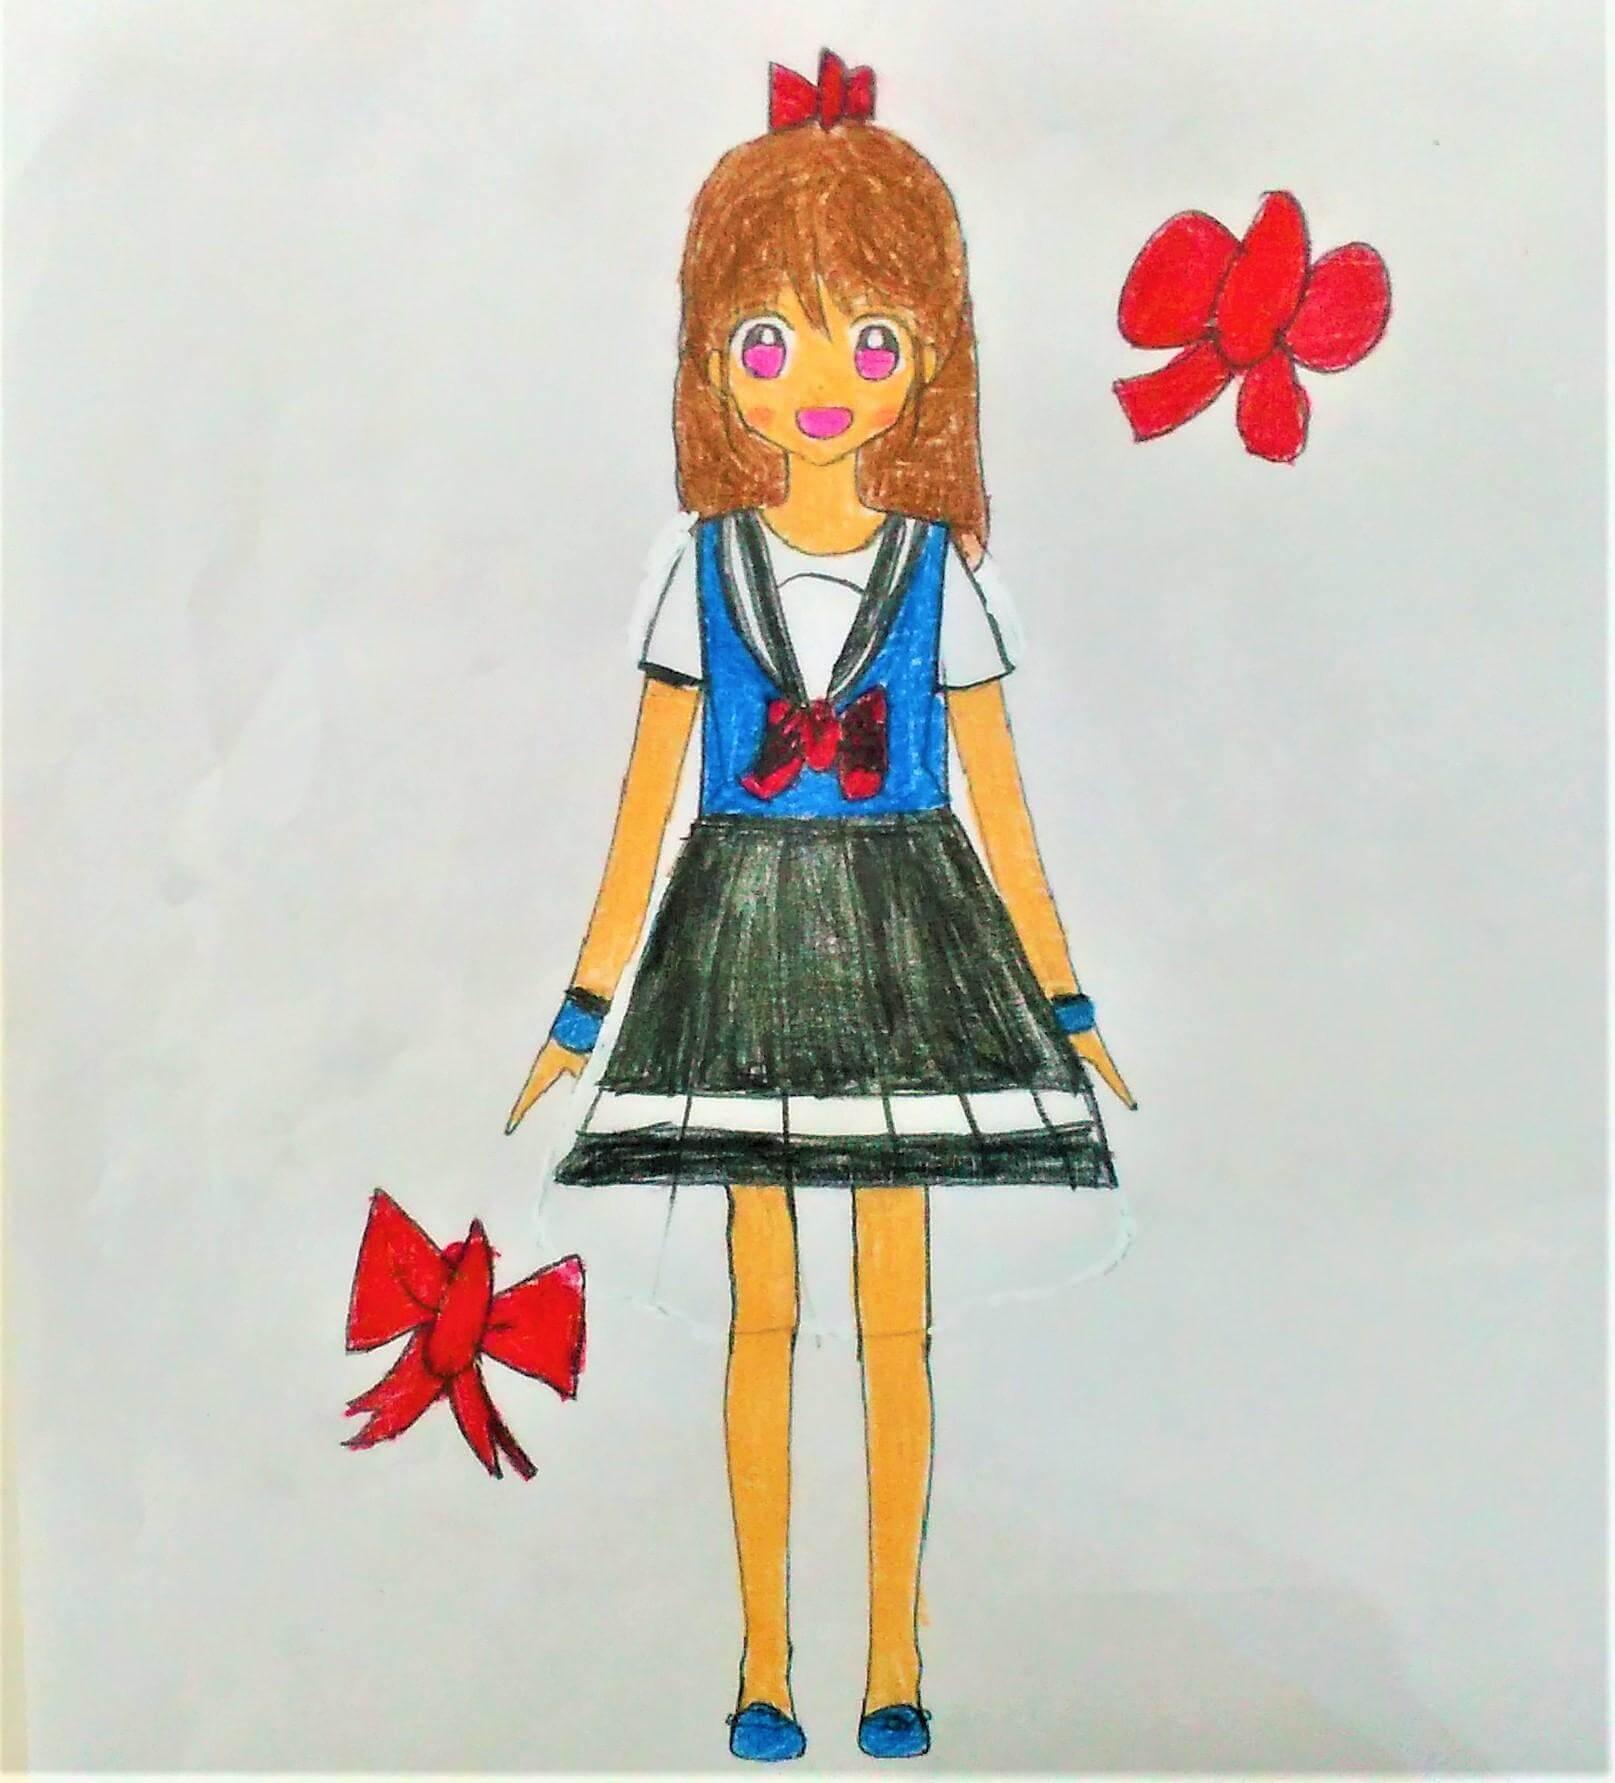 可愛いセーラ服 ちゃおイラストレッスン2⑥セーラー服を描い